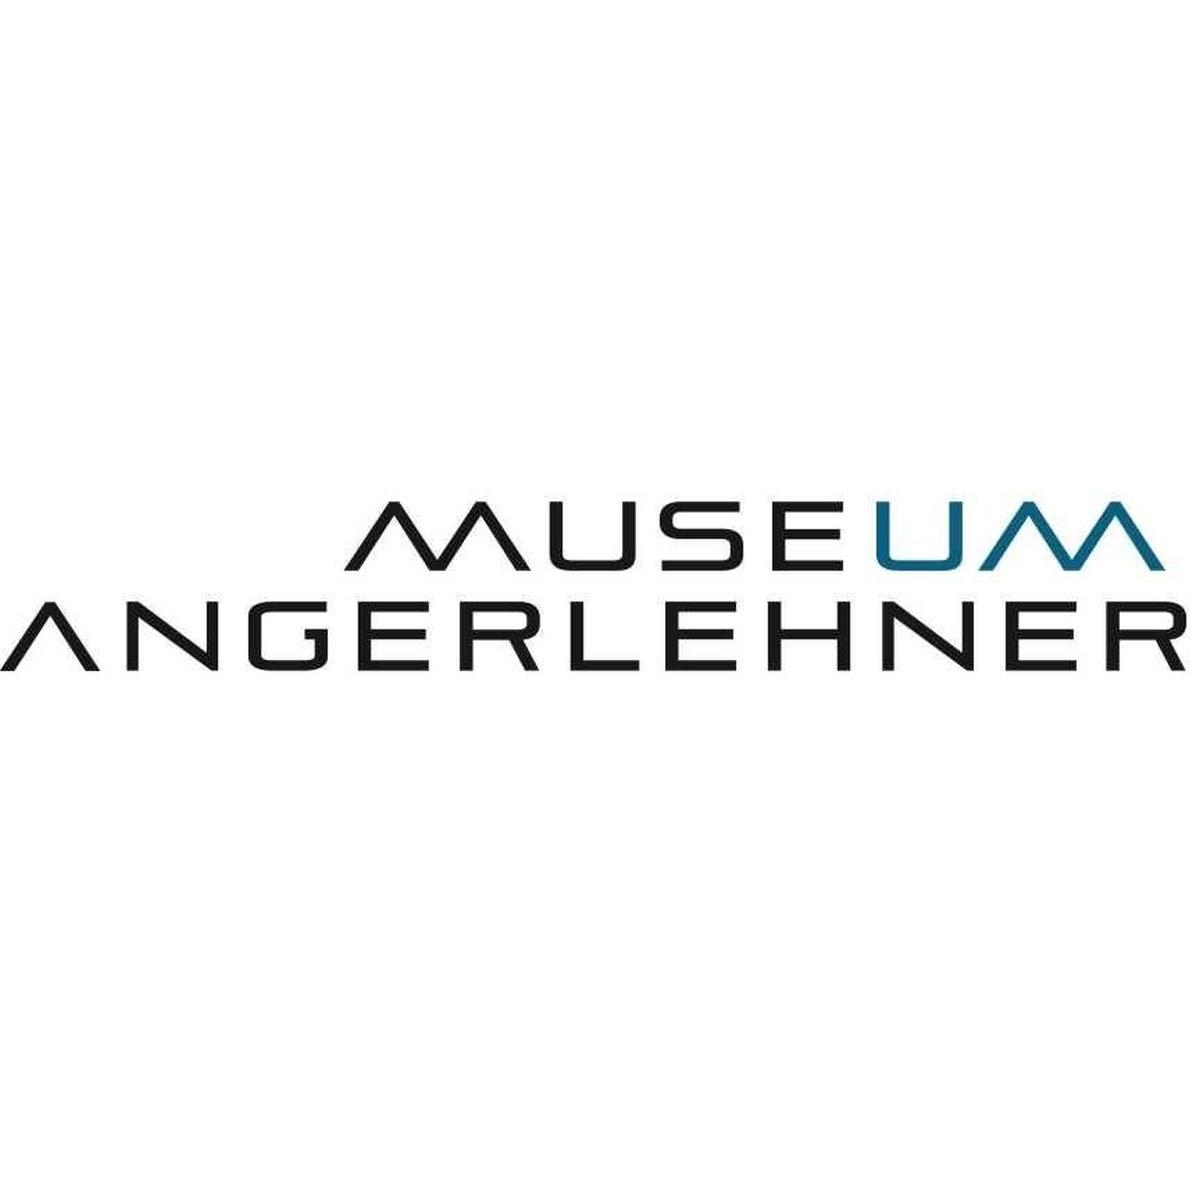 Logo von Angerlehner Museums GmbH